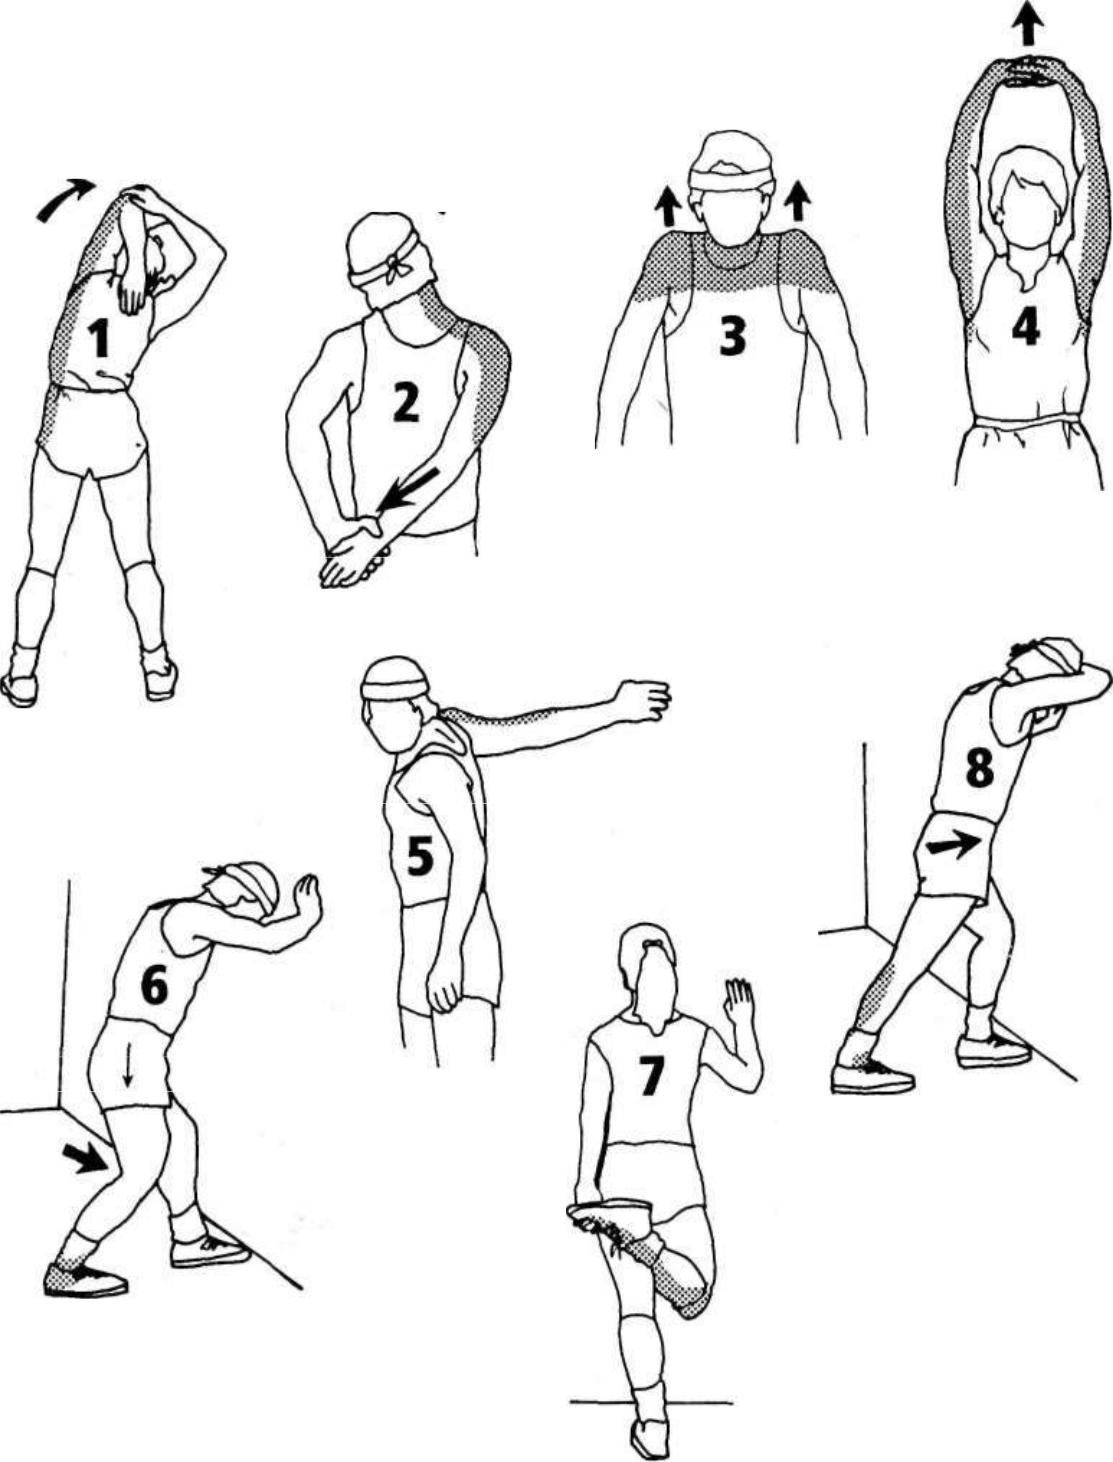 Разминка перед тренировкой дома - как разогреться перед занятиями спортом